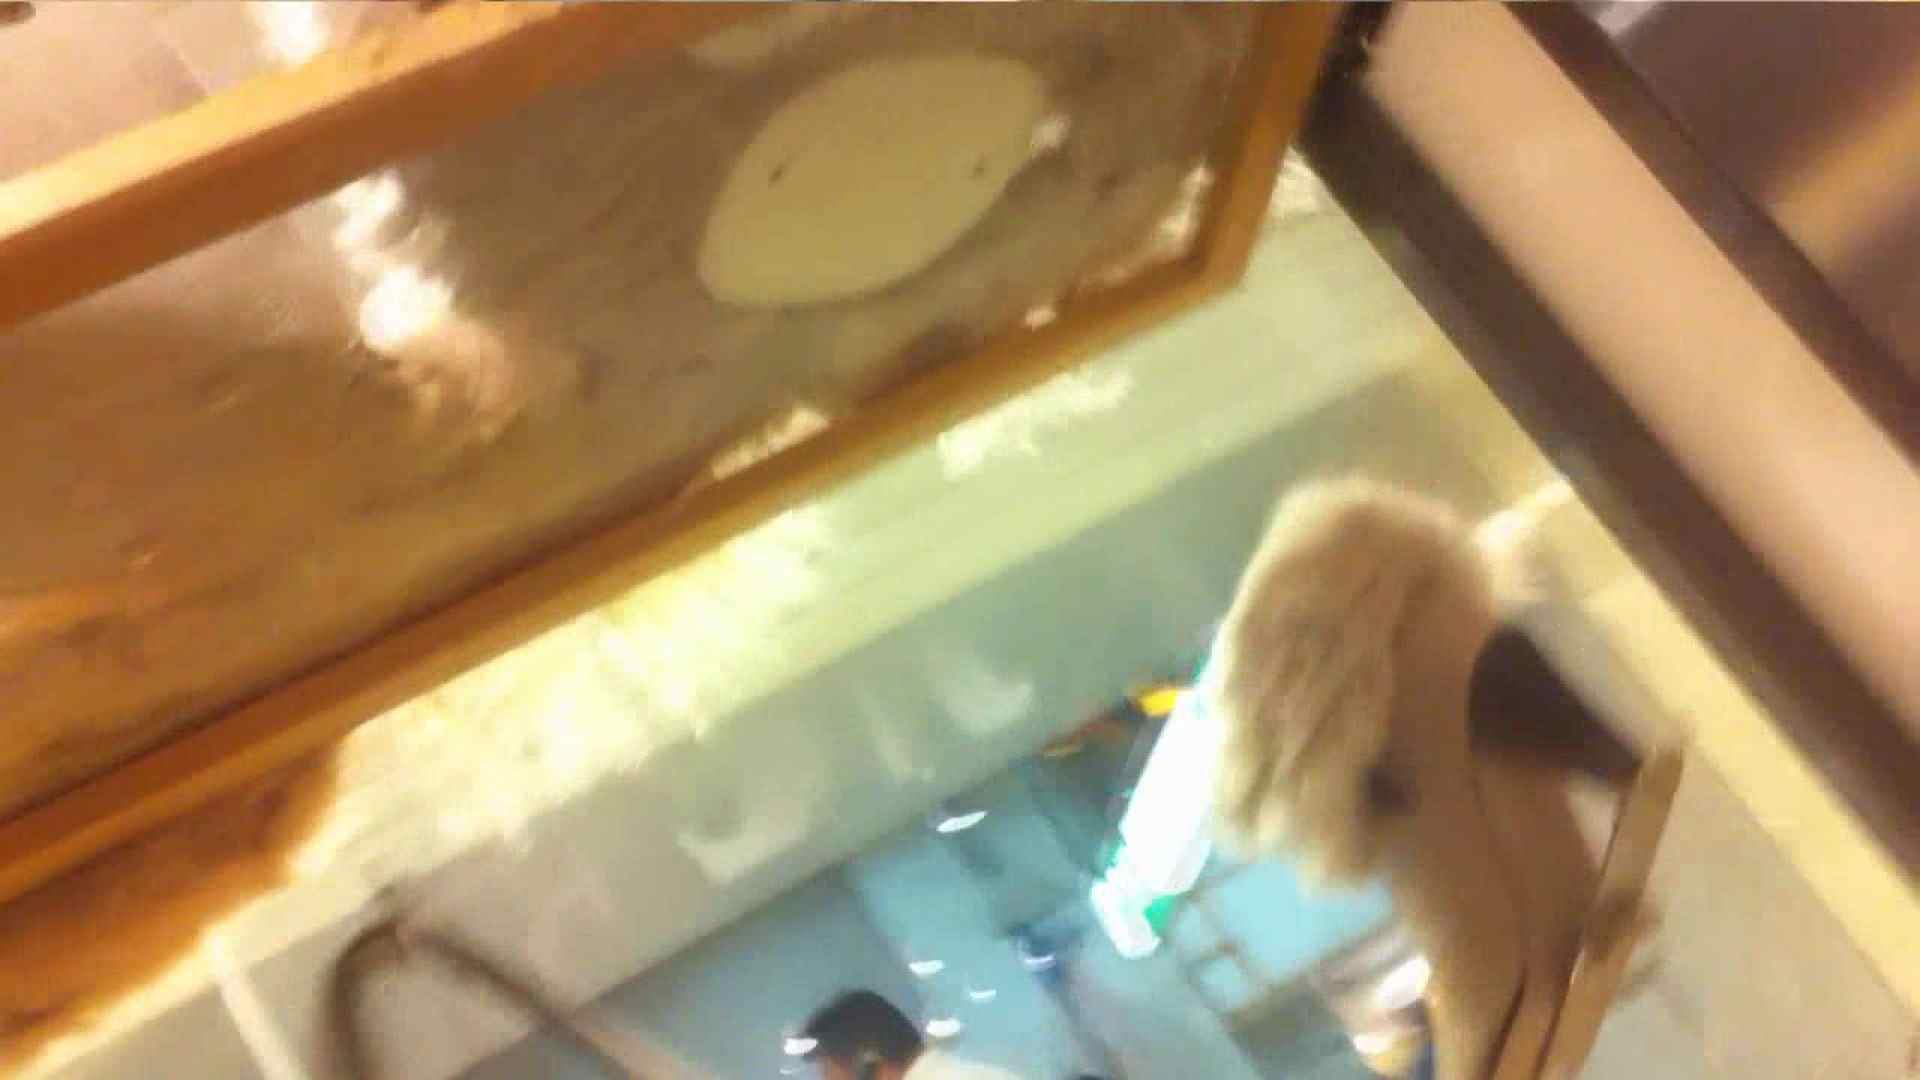 vol.34 美人アパレル胸チラ&パンチラ メガネ属性っていいよね♥ 胸チラ  104pic 78